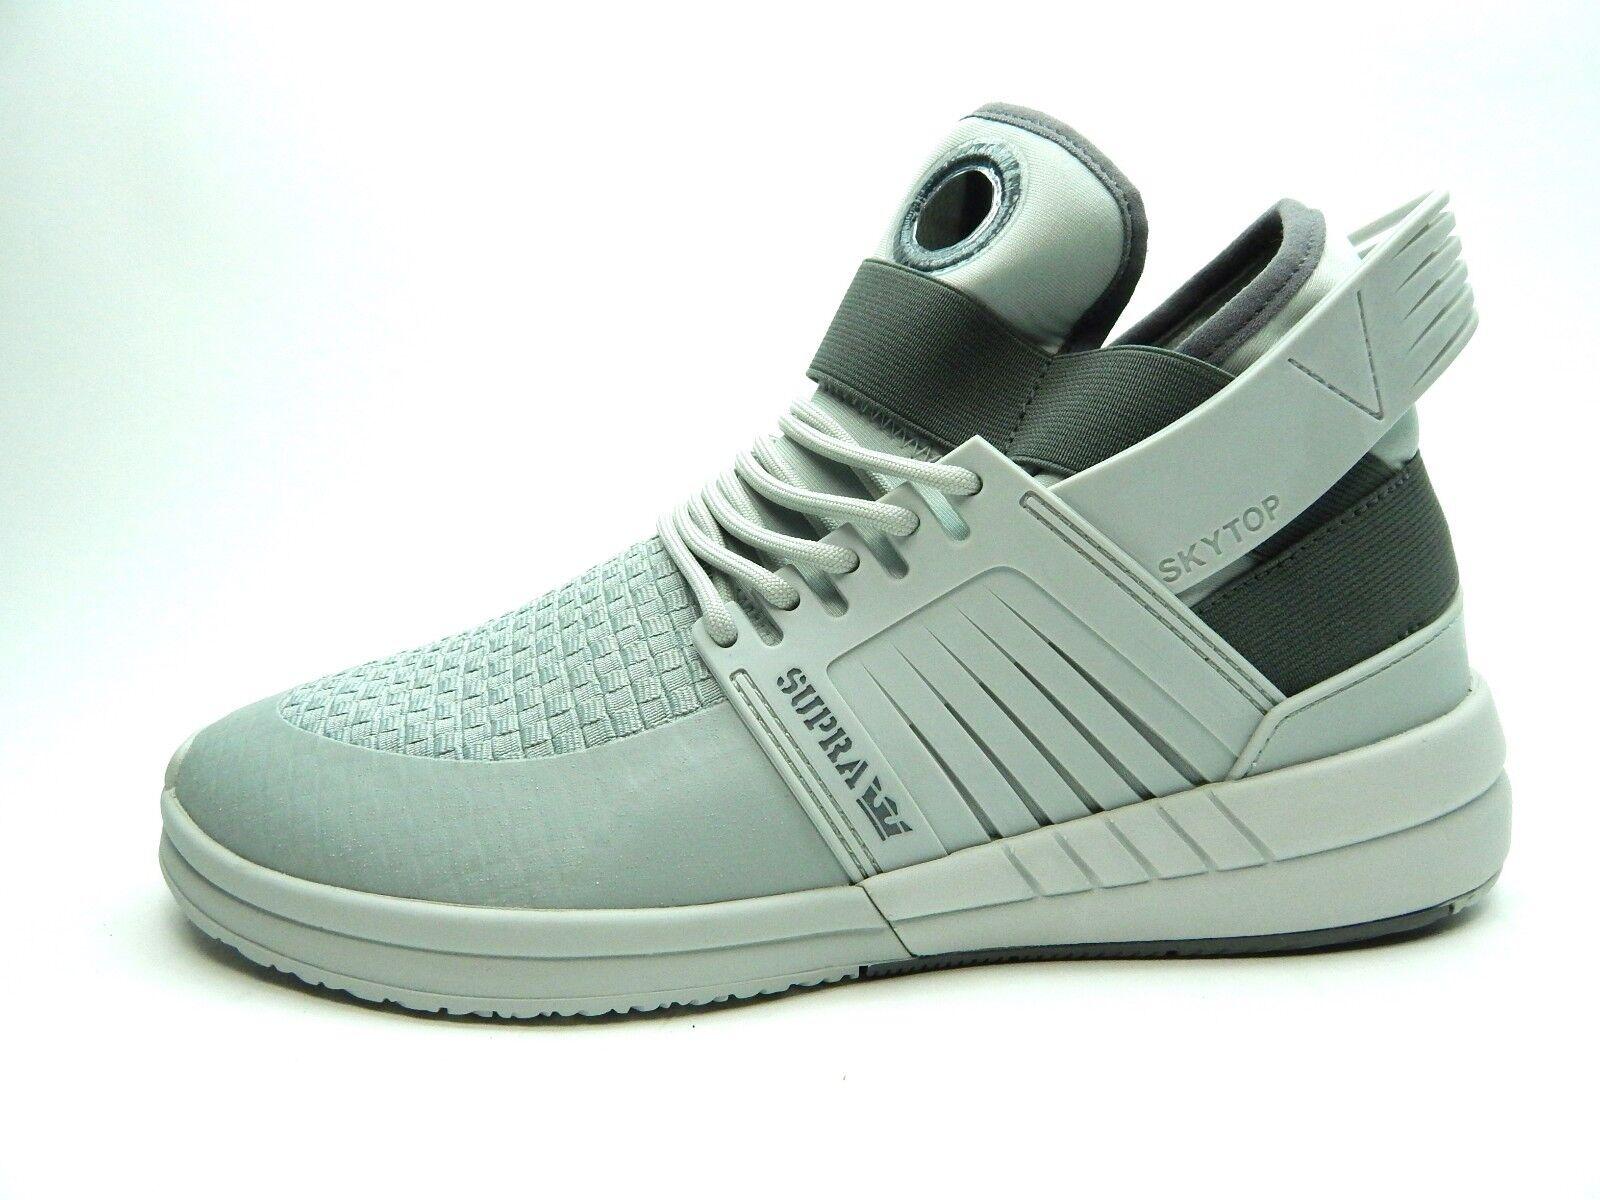 Supra Skytop V Cool gris hueso 08032-052 hombres zapatos a 14